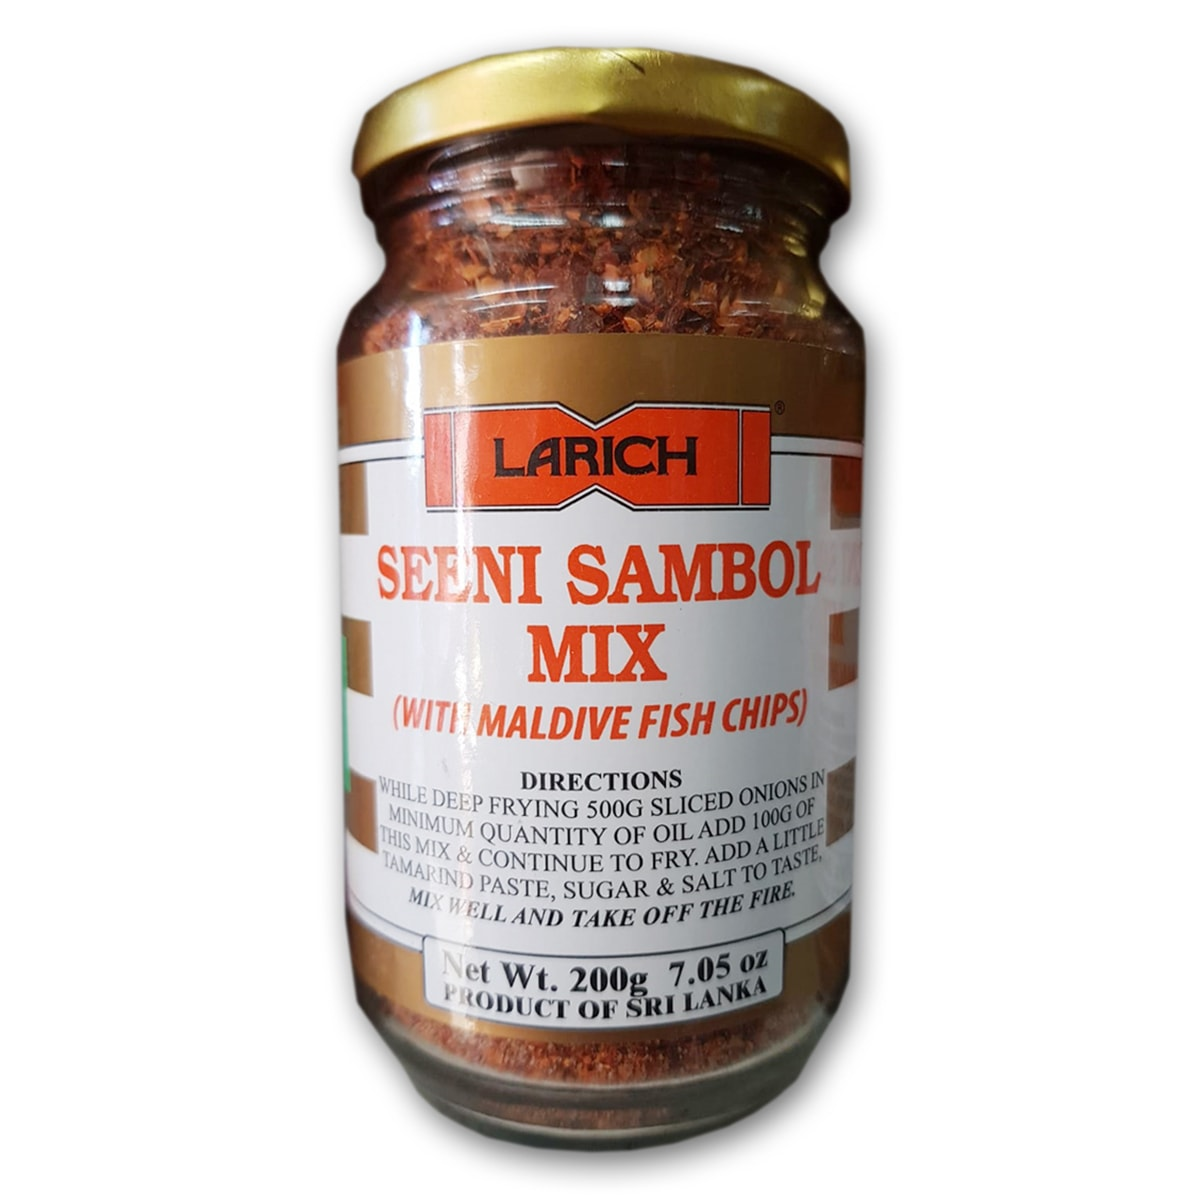 Buy Larich Seeni Sambol Mix - 200 gm